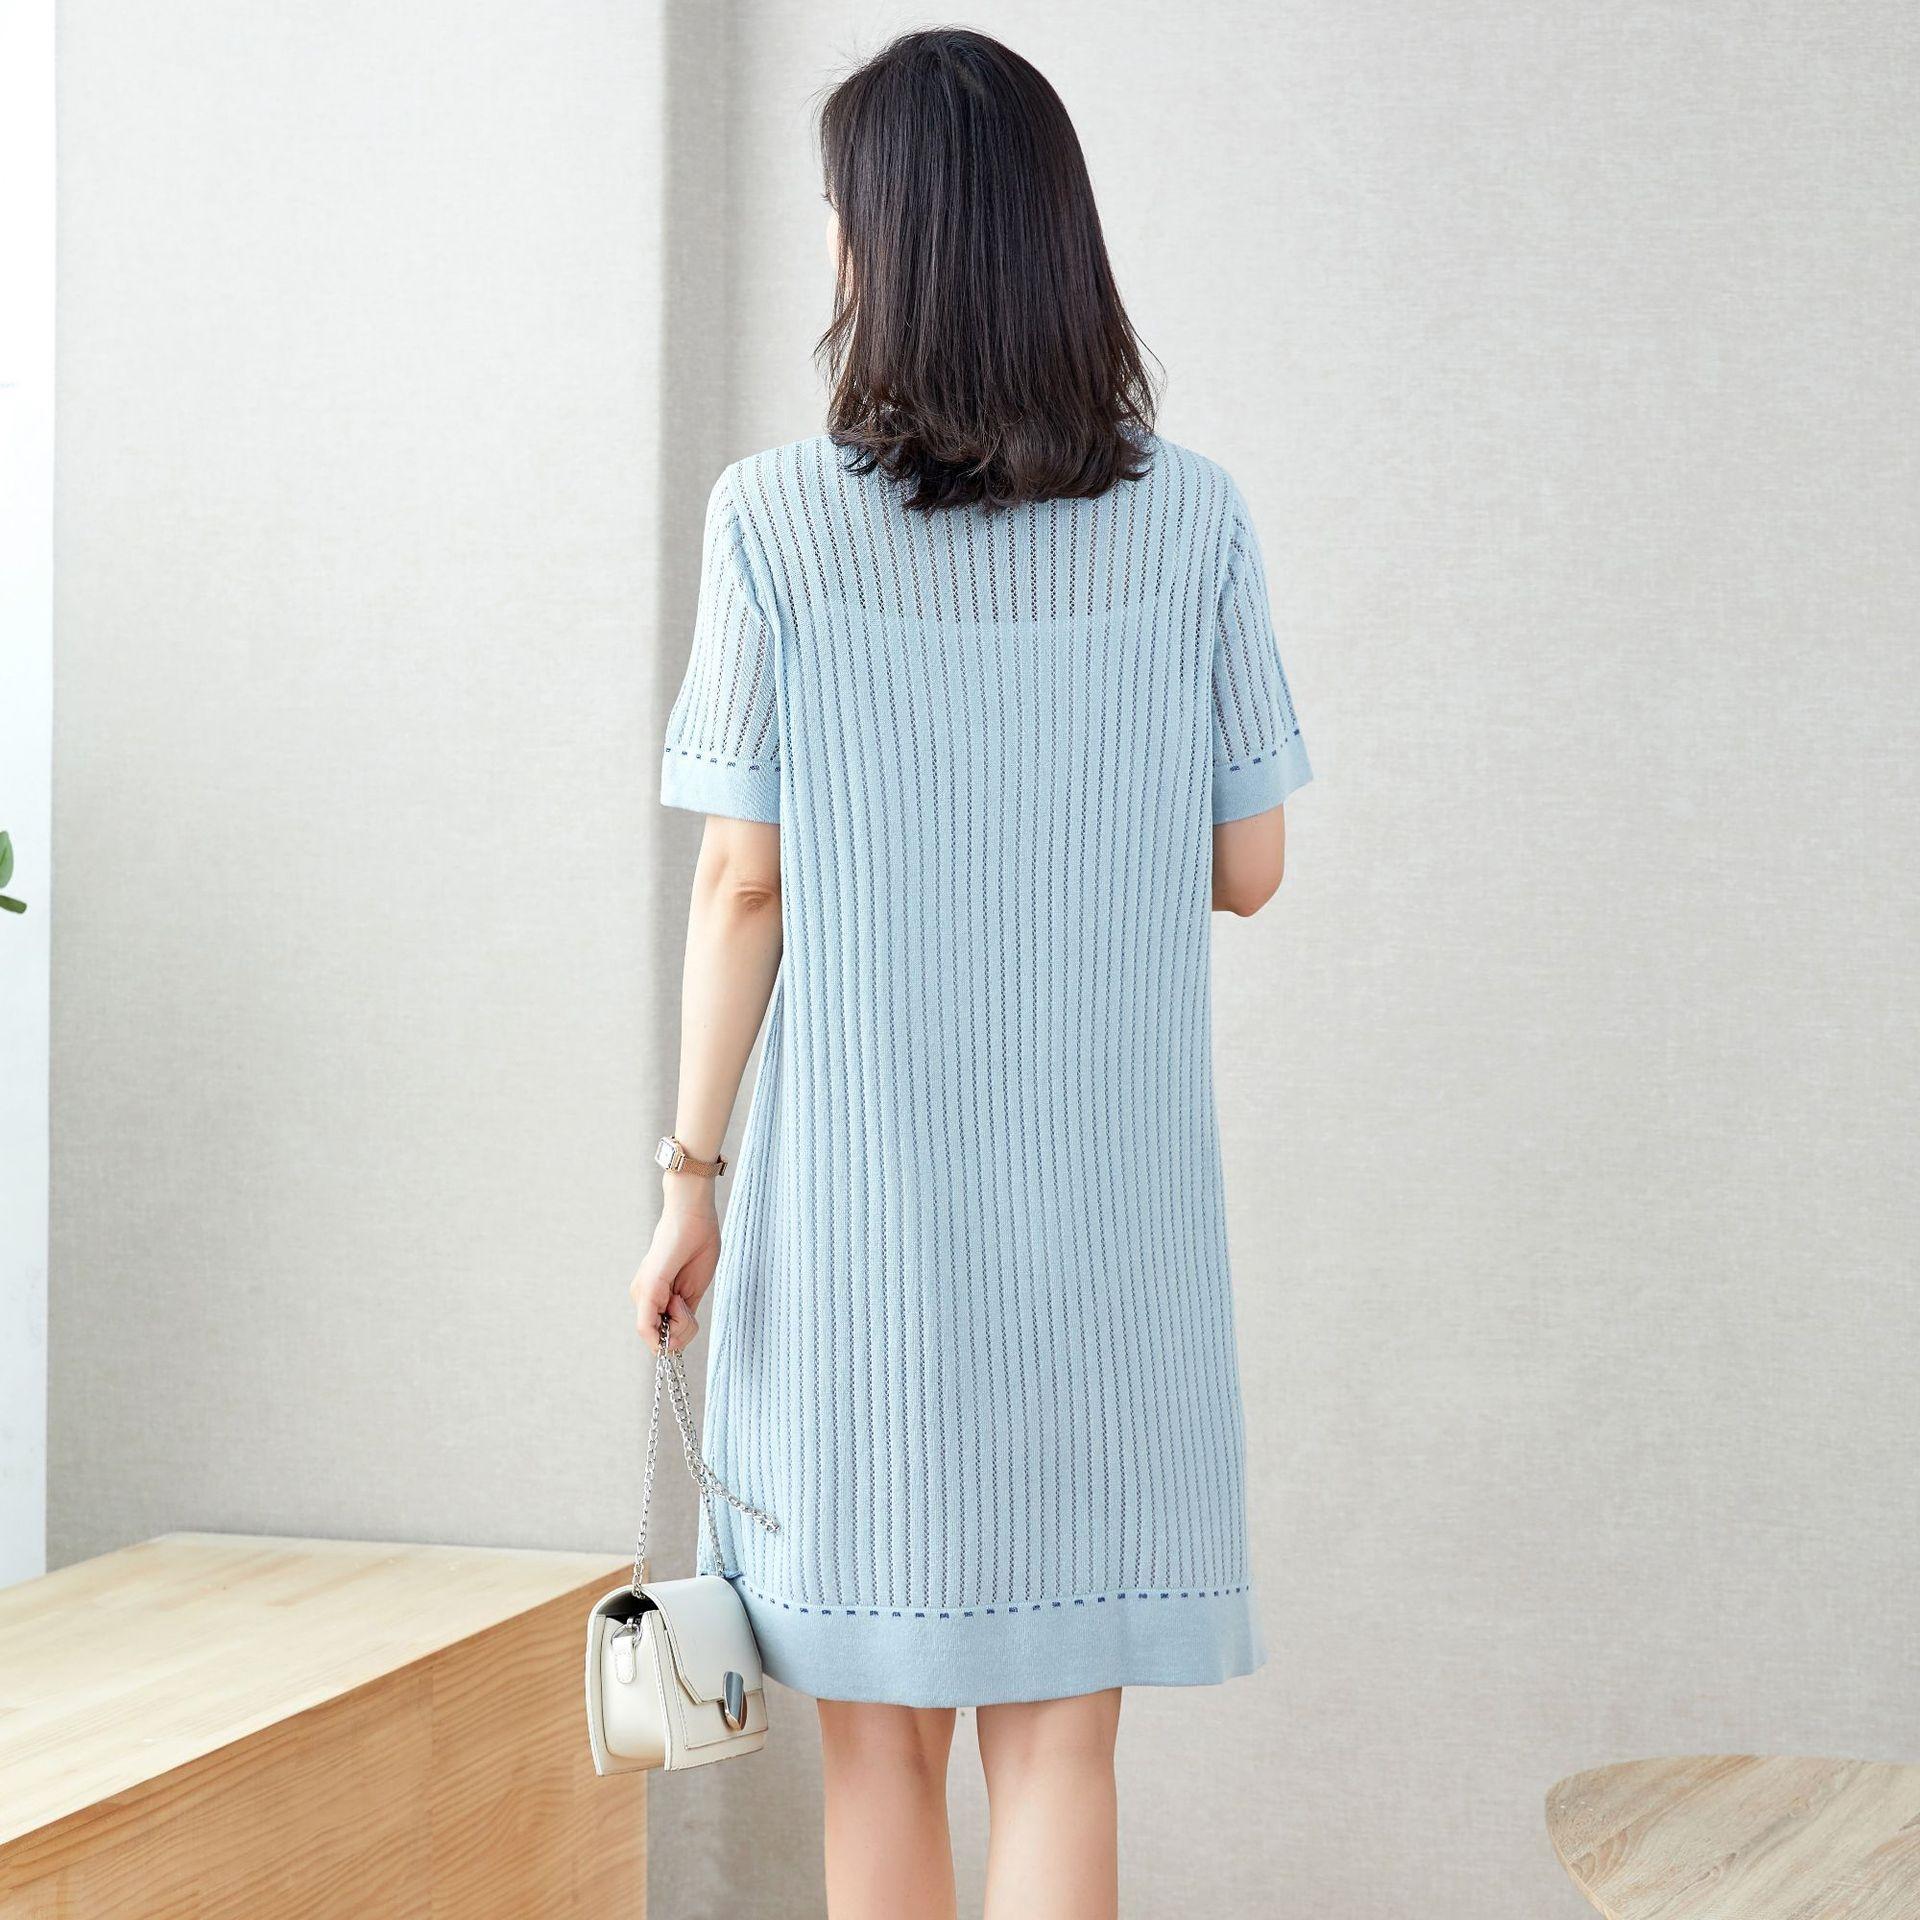 ZERZy guSec Hülse Silk lose große gestrickte Sommer neue koreanische Ice Art und Weise beiläufiges Kleid kleiden dünne Perspektive kurzen Artfrauen clothi